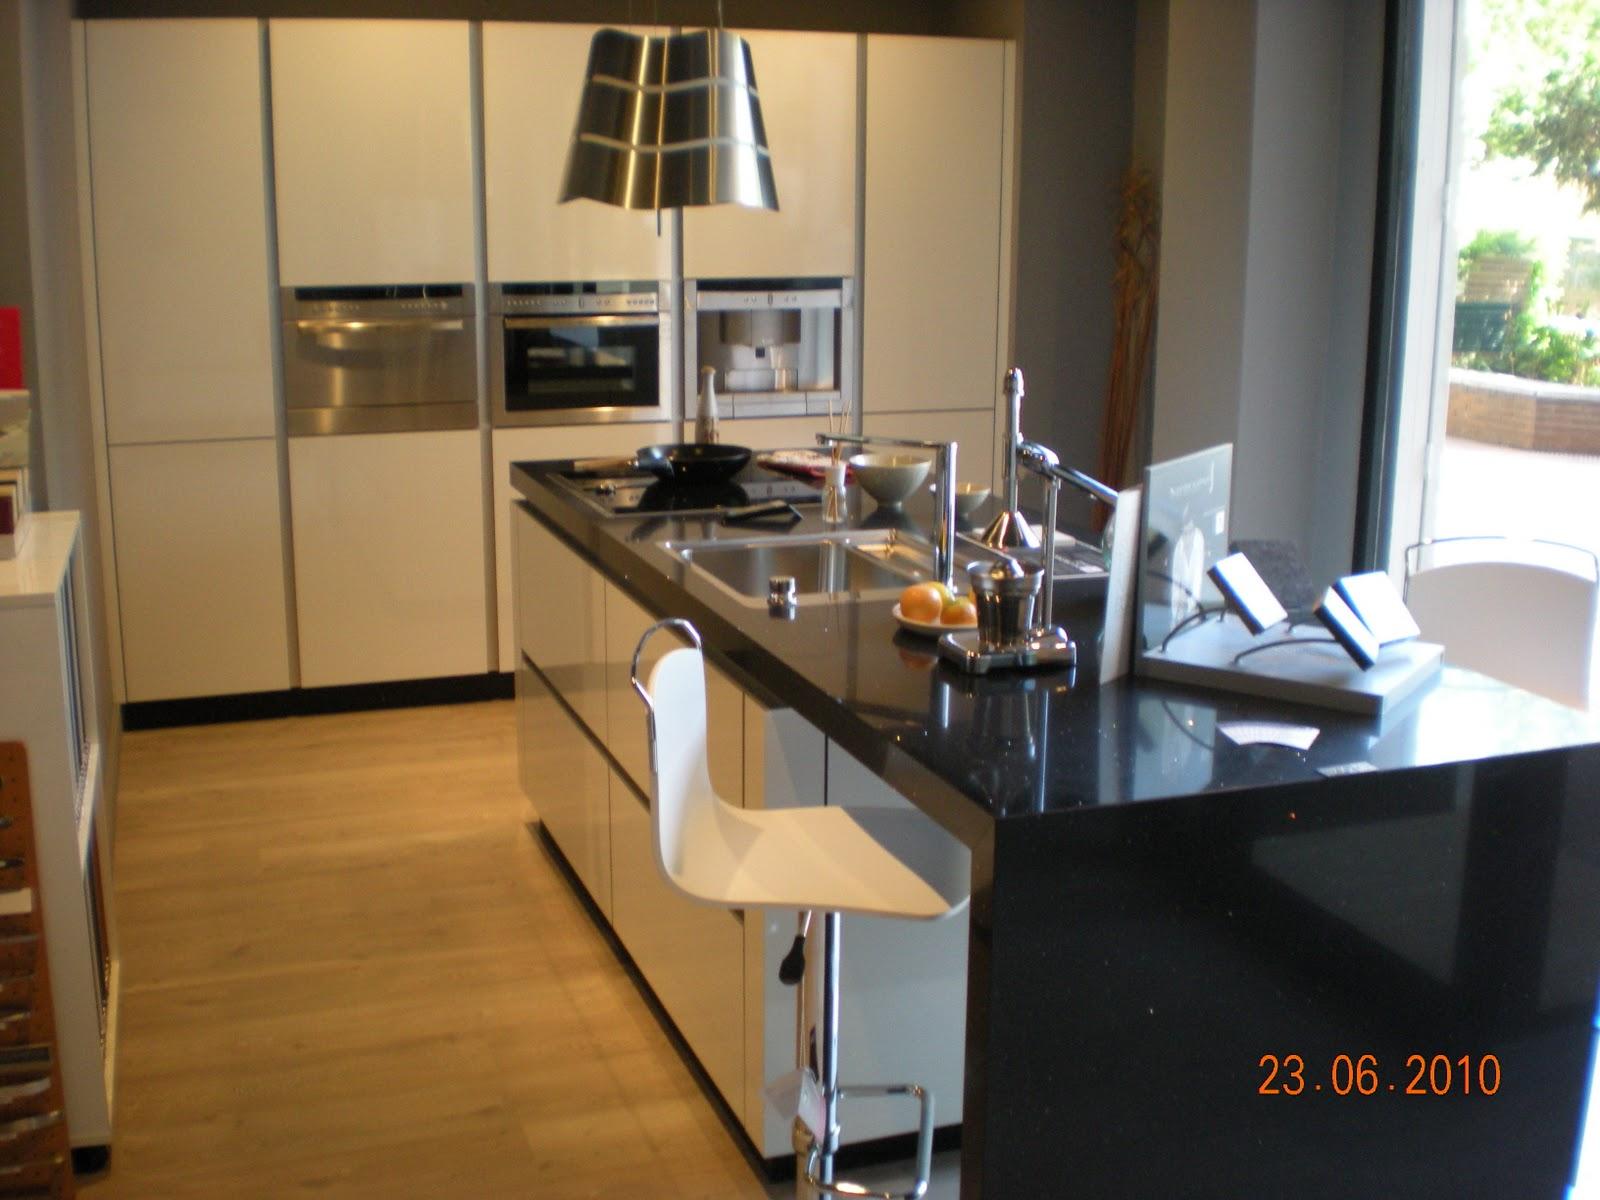 Irresistible saitra mobiliario de cocina armarios y - Saitra cocinas ...